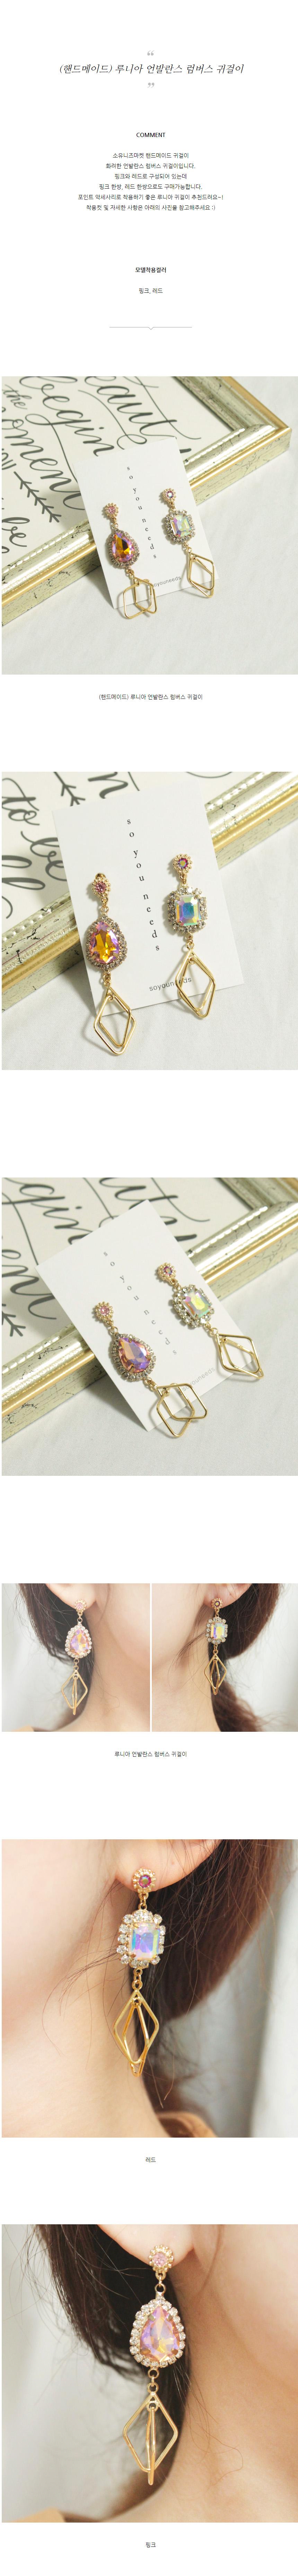 루니아 언발란스 럼버스 귀걸이 - 소유니즈마켓, 14,000원, 골드, 드롭귀걸이